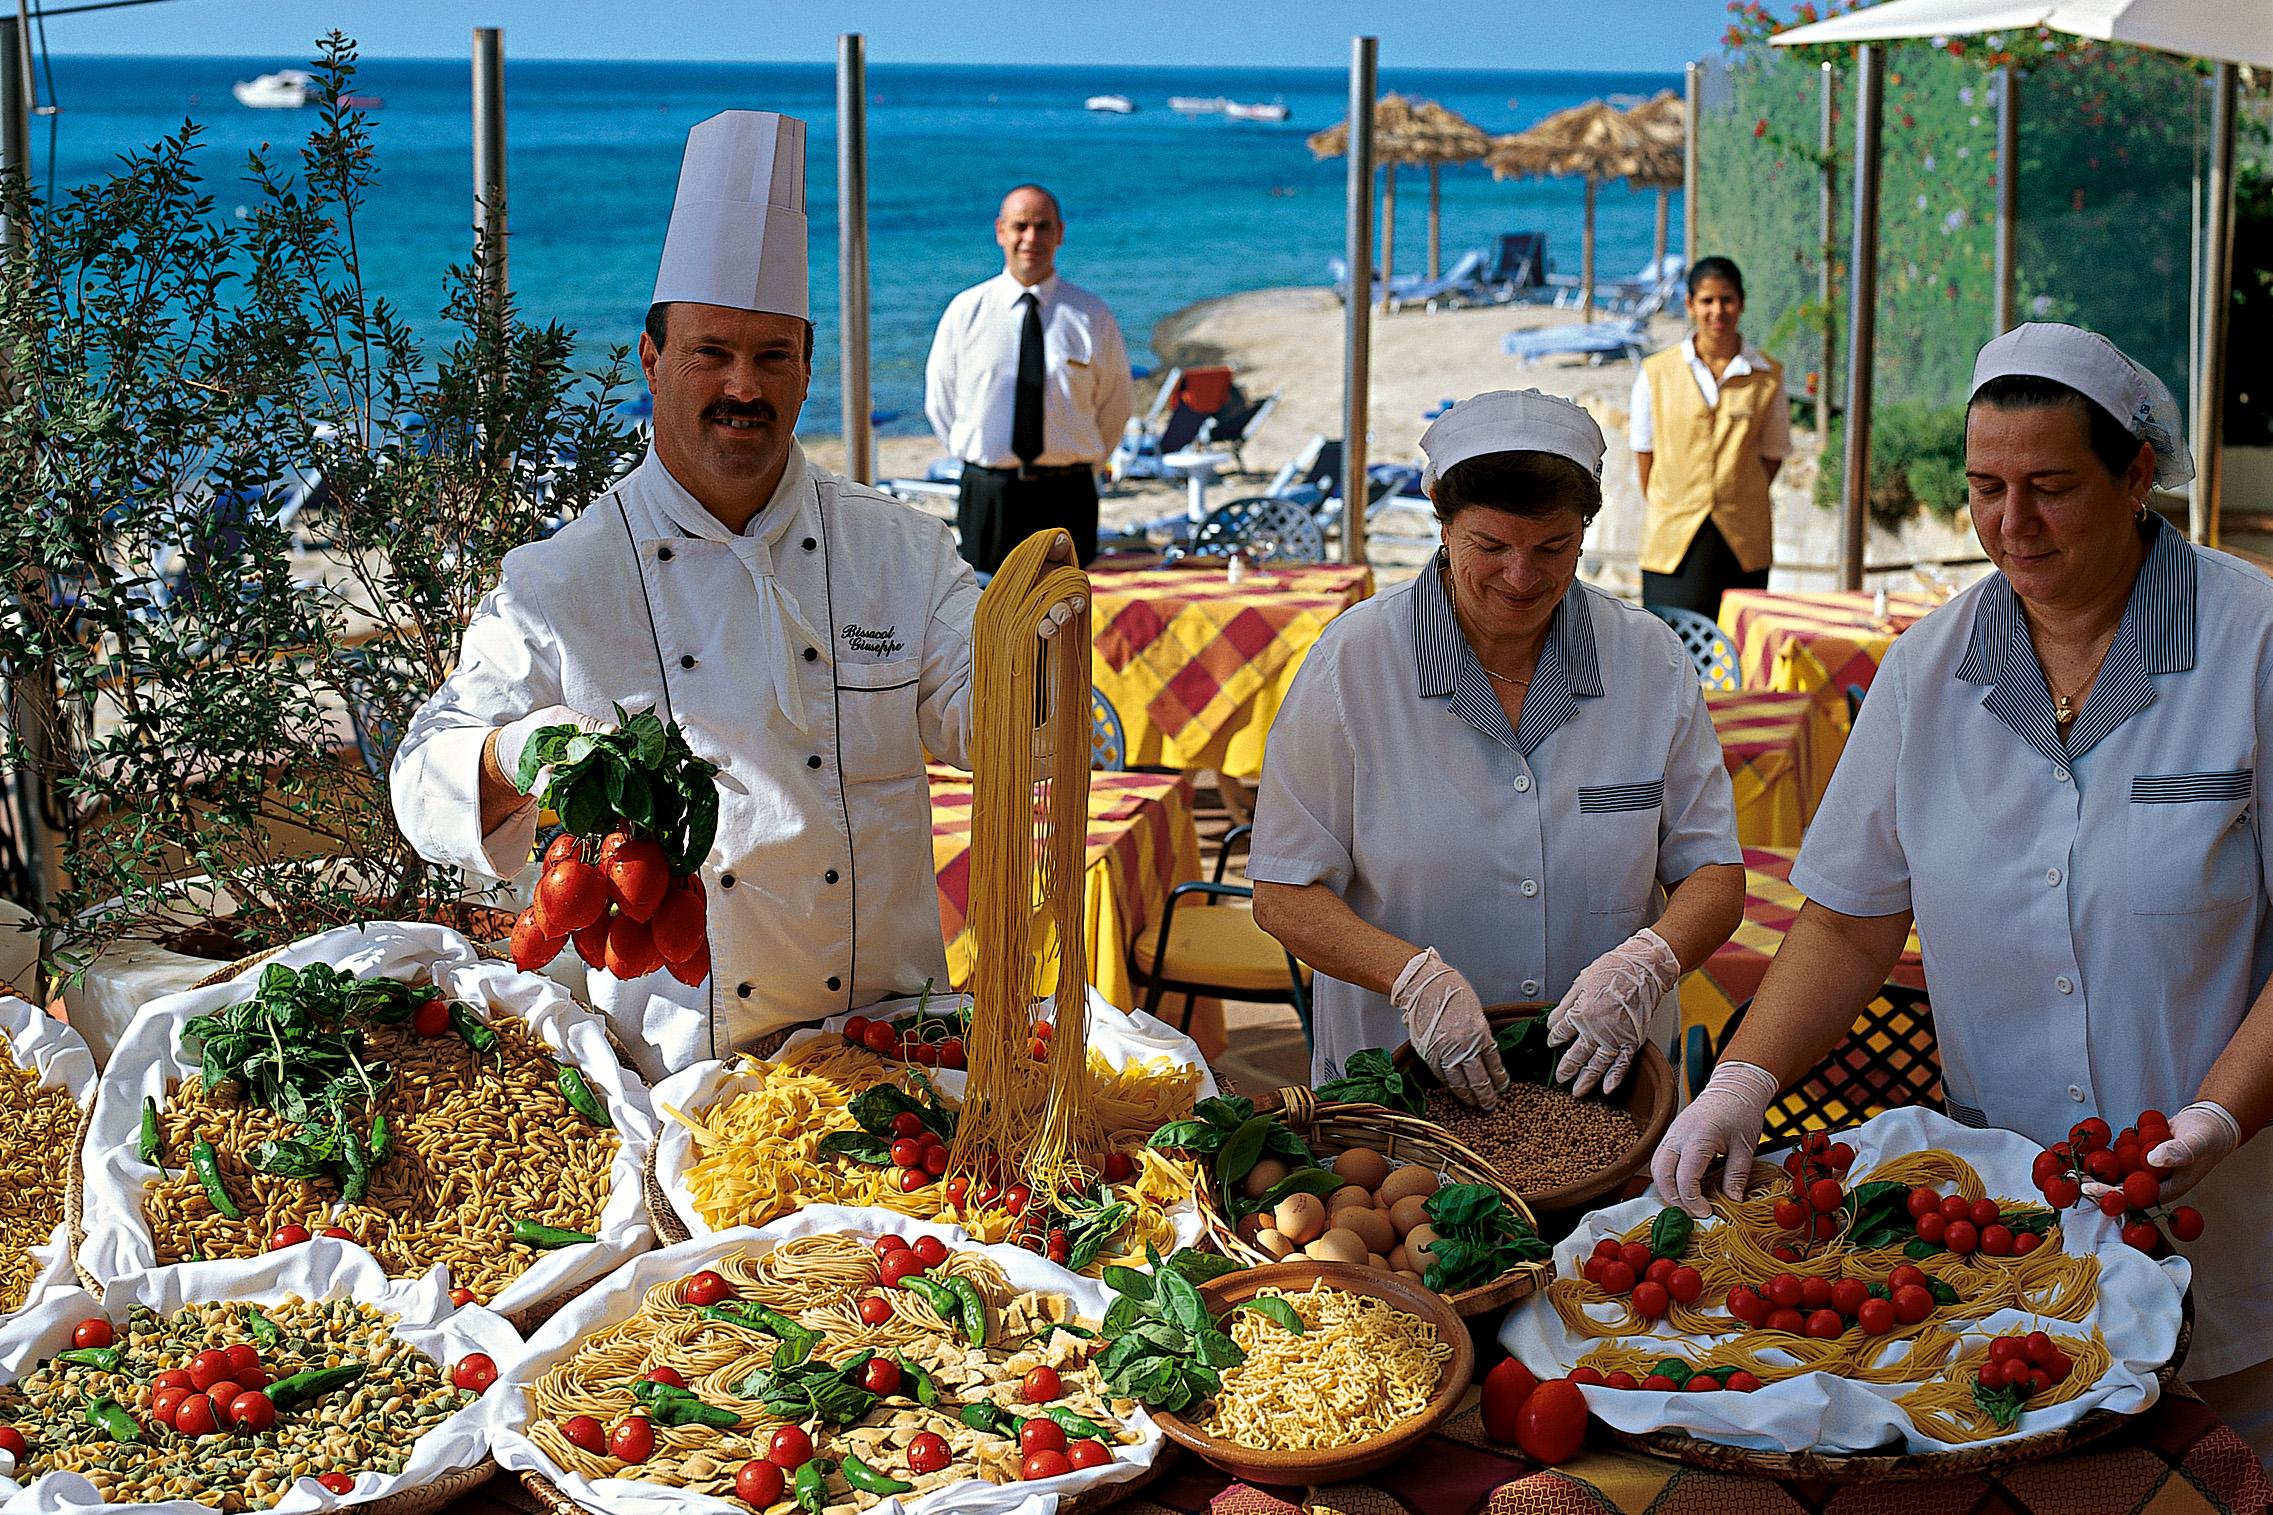 Forte_Village_Resort_Restaurants_and_Bars_5.jpg